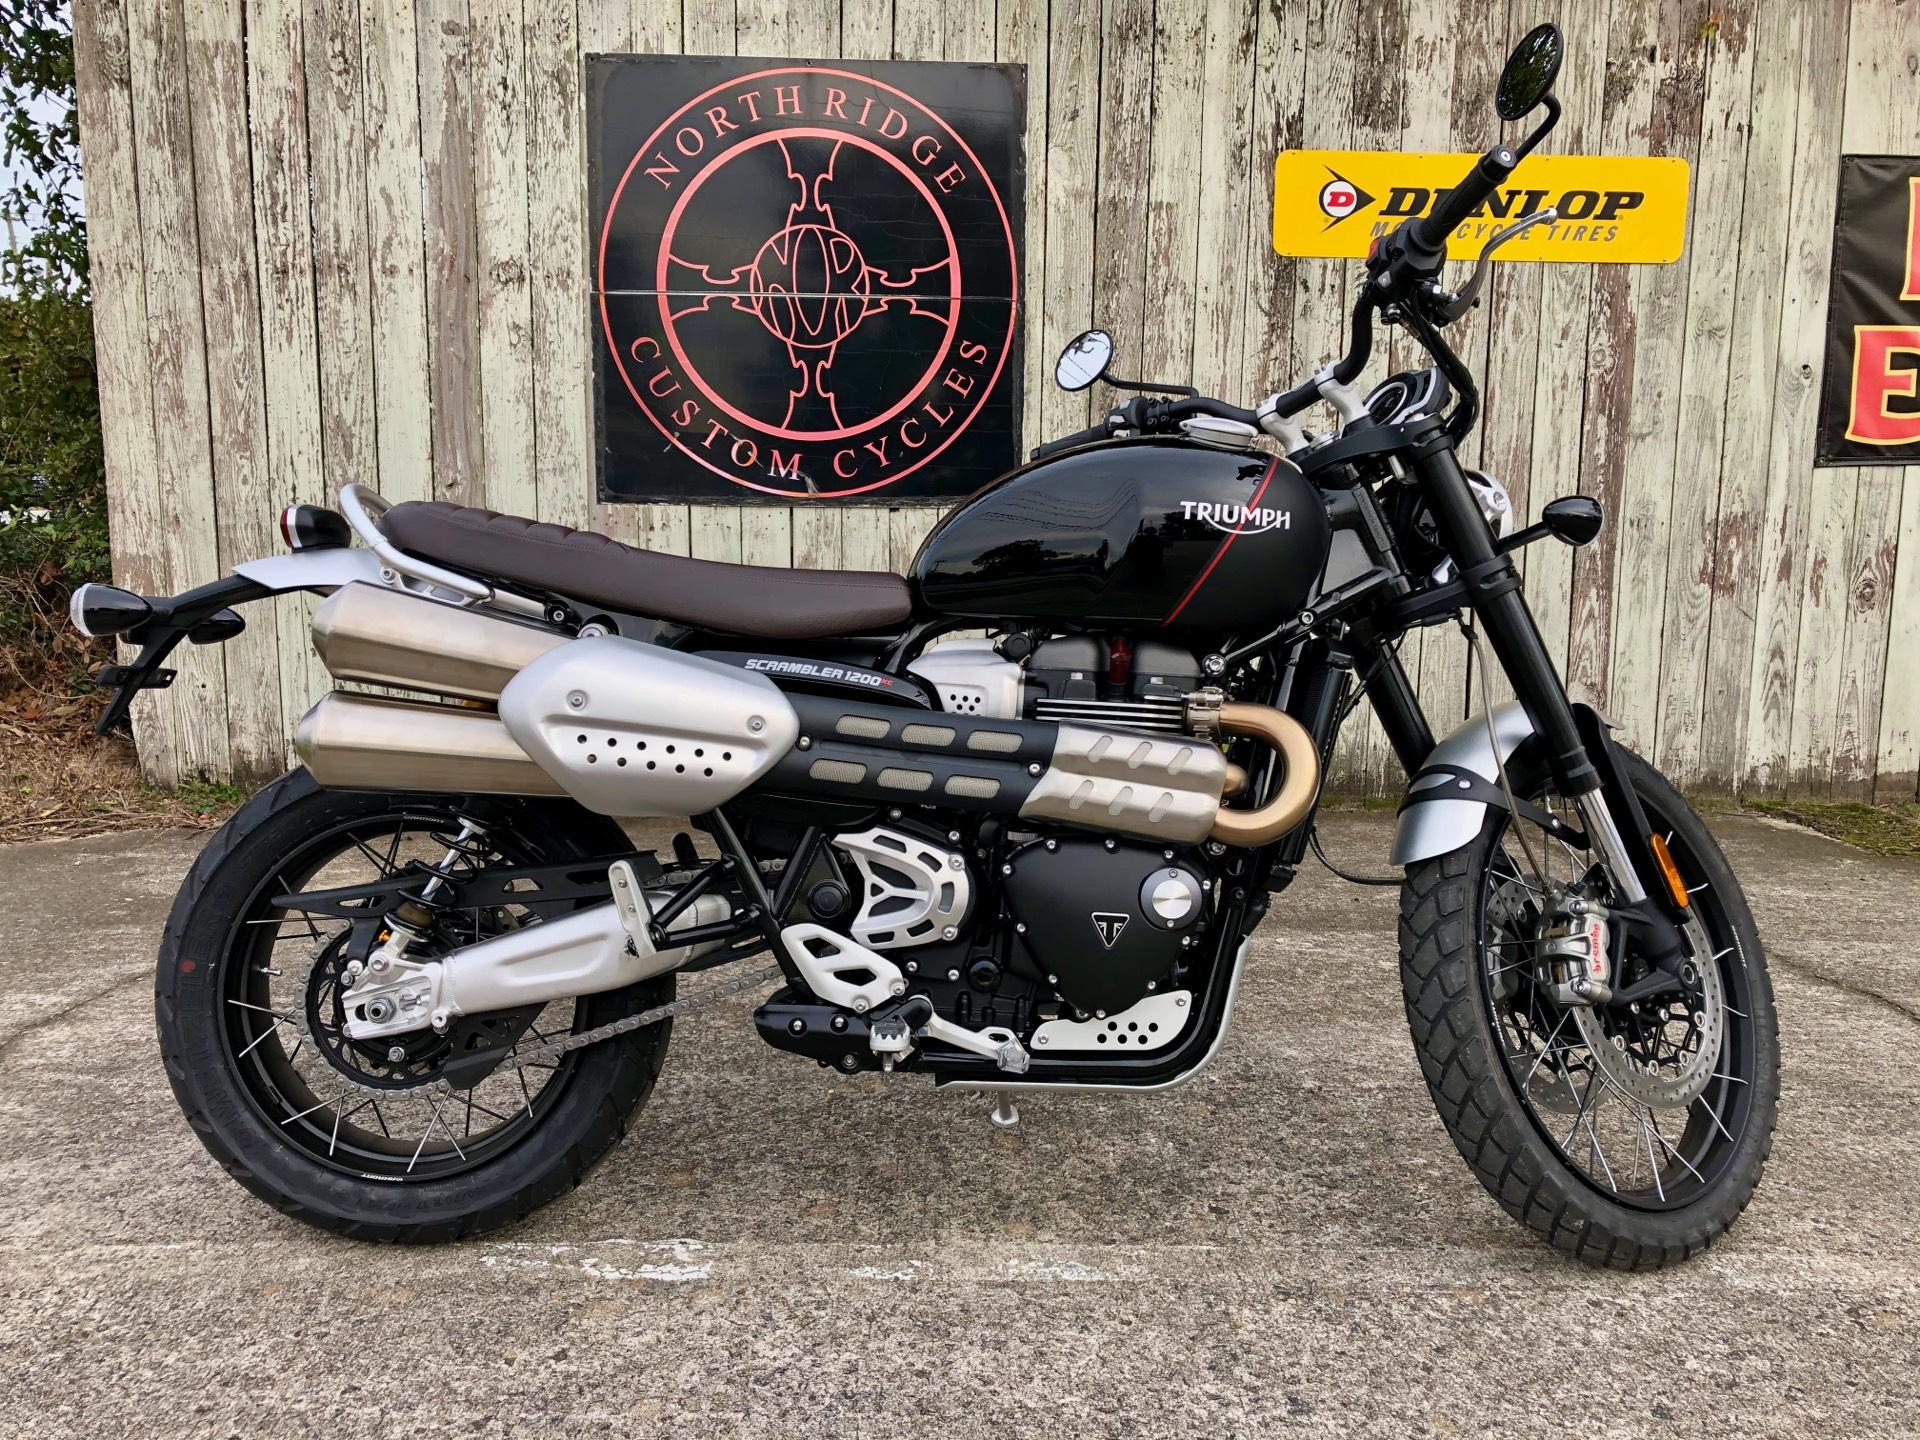 New 2020 Triumph Scrambler 1200 XC | Motorcycles in Charleston SC | TRIAA4751 Jet Black / Matt Black